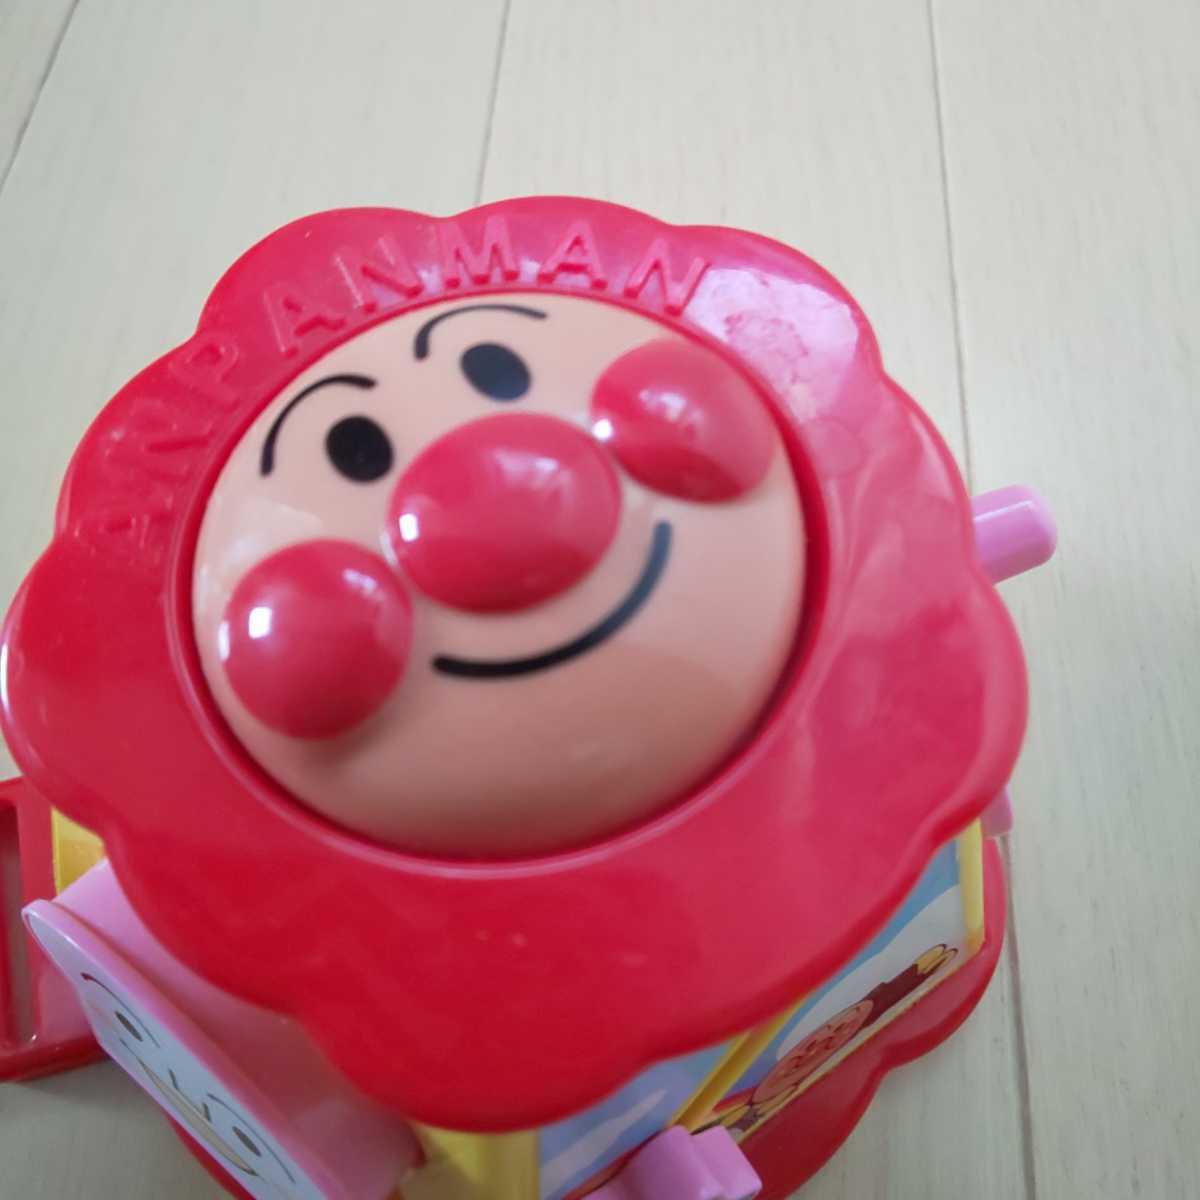 1円スタート! アンパンマン よくばりボックスミニ 6か月頃から おもちゃ お出かけ用 PINCHIO キャラクター akichan7777jp_画像4